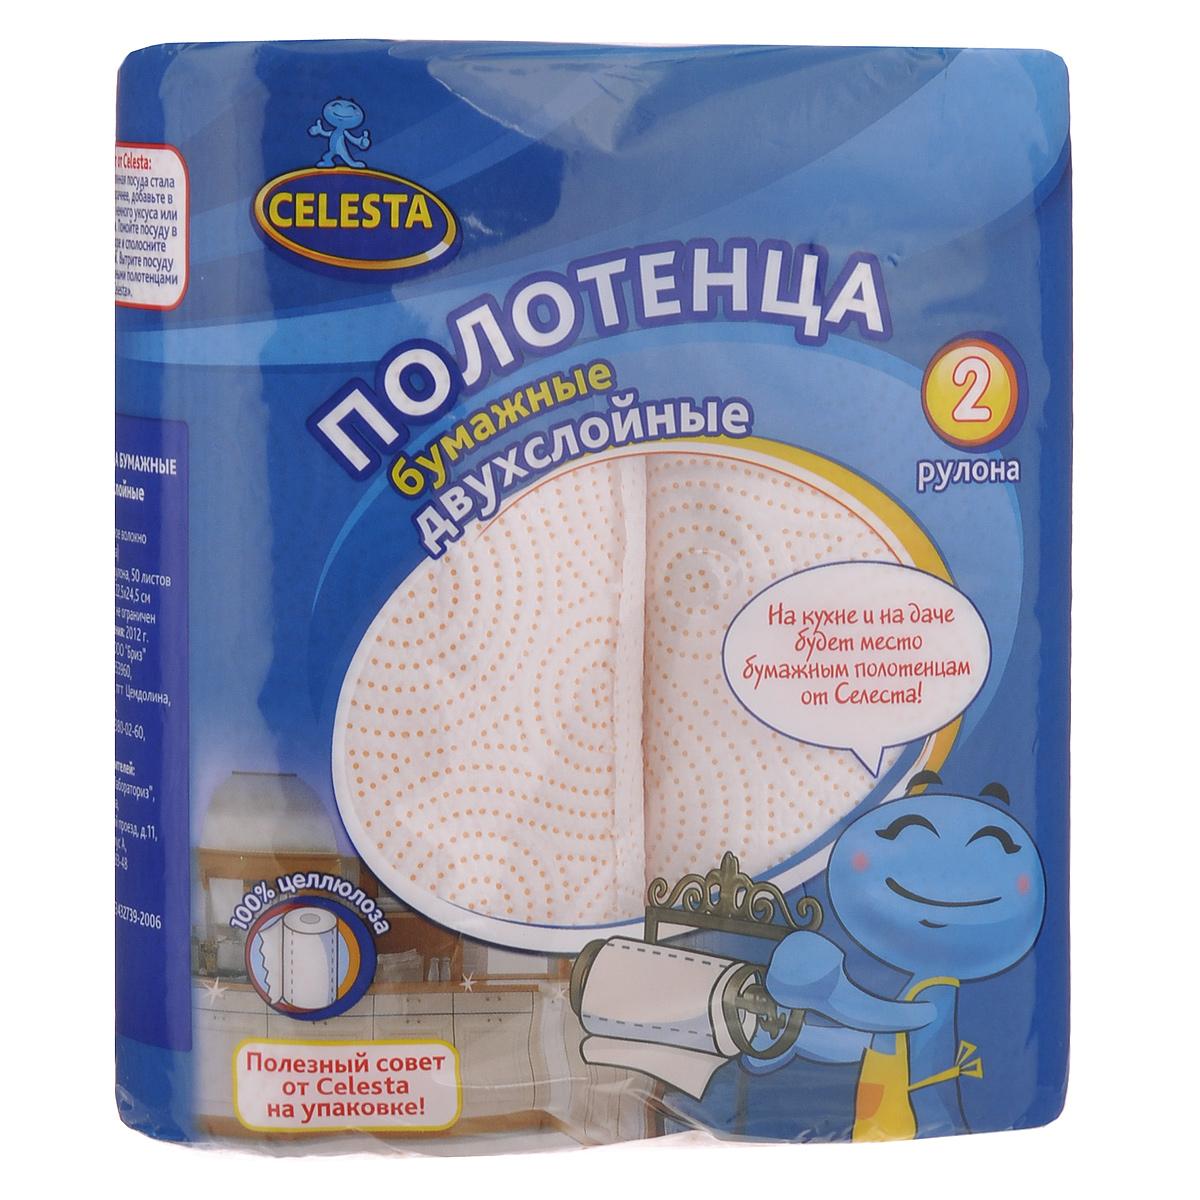 Полотенца бумажные Celesta, двухслойные, цвет: белый, оранжевый, 2 рулона13031Двухслойные бумажные полотенца Celesta, выполненные из 100% целлюлозы, подарят превосходный комфорт и ощущение чистоты и свежести. Бумажные полотенца Celesta - это незаменимый атрибут чистой кухни. Они просты в использовании, их не надо стирать и просто утилизировать. Специальное тиснение улучшает способность материала впитывать влагу, что позволяет полотенцам еще лучше справляться со своей работой. Натуральные материалы, используемые при изготовлении продукции Celesta, безопасны для людей, животных и окружающей среды, не вызывают раздражения и аллергии и не оставляют мелкой бумажной пыли. Классические бумажные полотенца Celesta могут использоваться не только на кухне, но и для других целей, поскольку отлично вытирают руки и убирают грязь с самых разных поверхностей. Стол, пол, подоконник - все будет чистым и свежим, а полотенце просто отправится в ведро. Товар сертифицирован.